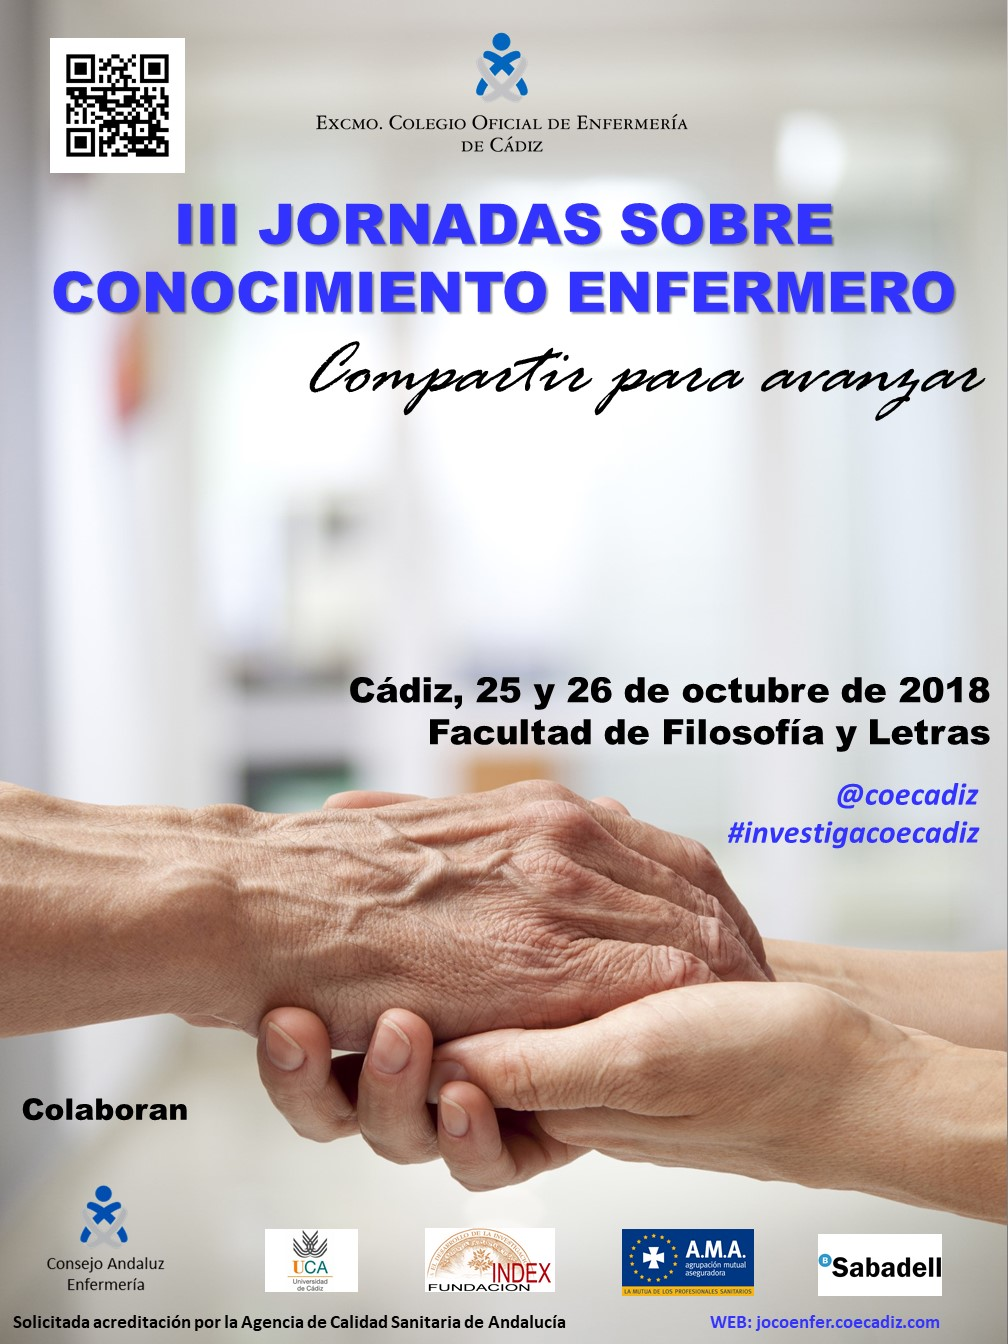 Abierta la inscripción para asistir a las III Jornadas sobre Conocimiento Enfermero y a los tres talleres previos